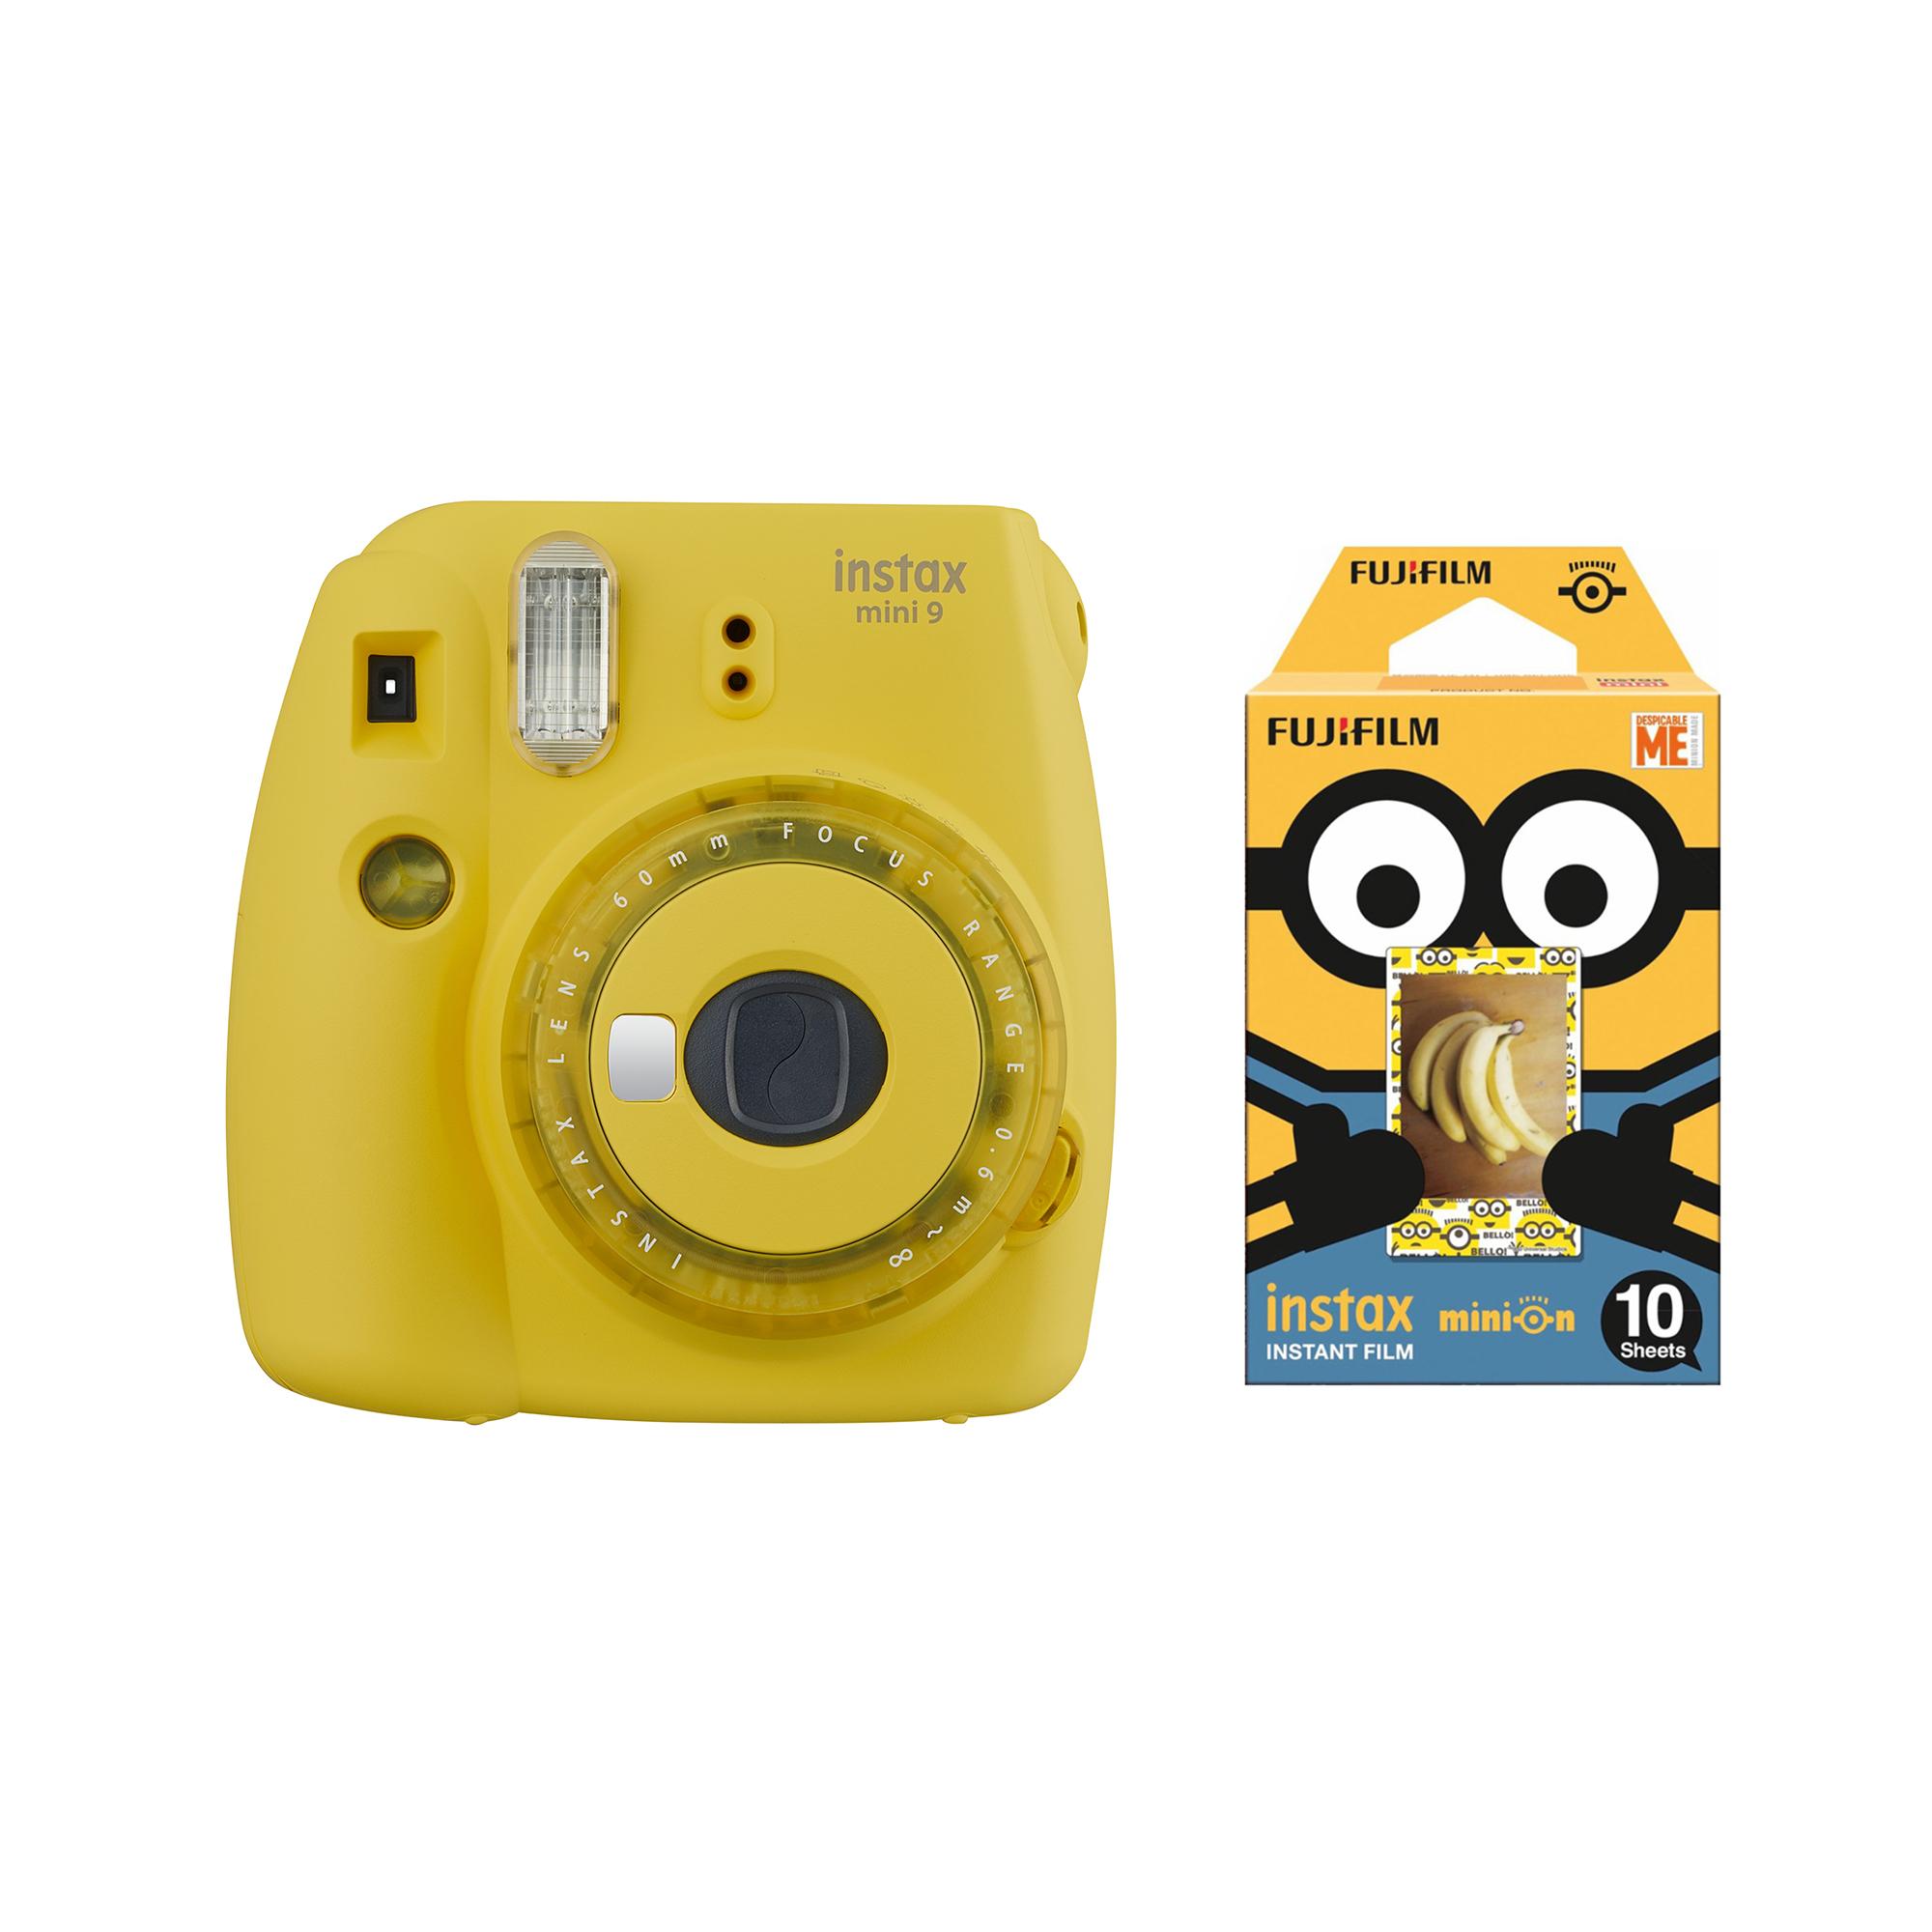 دوربین عکاسی چاپ سریع فوجی فیلم مدل Instax Mini 9 Clear به همراه یک بسته فیلم مدل Despicable Me بسته ۱۰ عددی